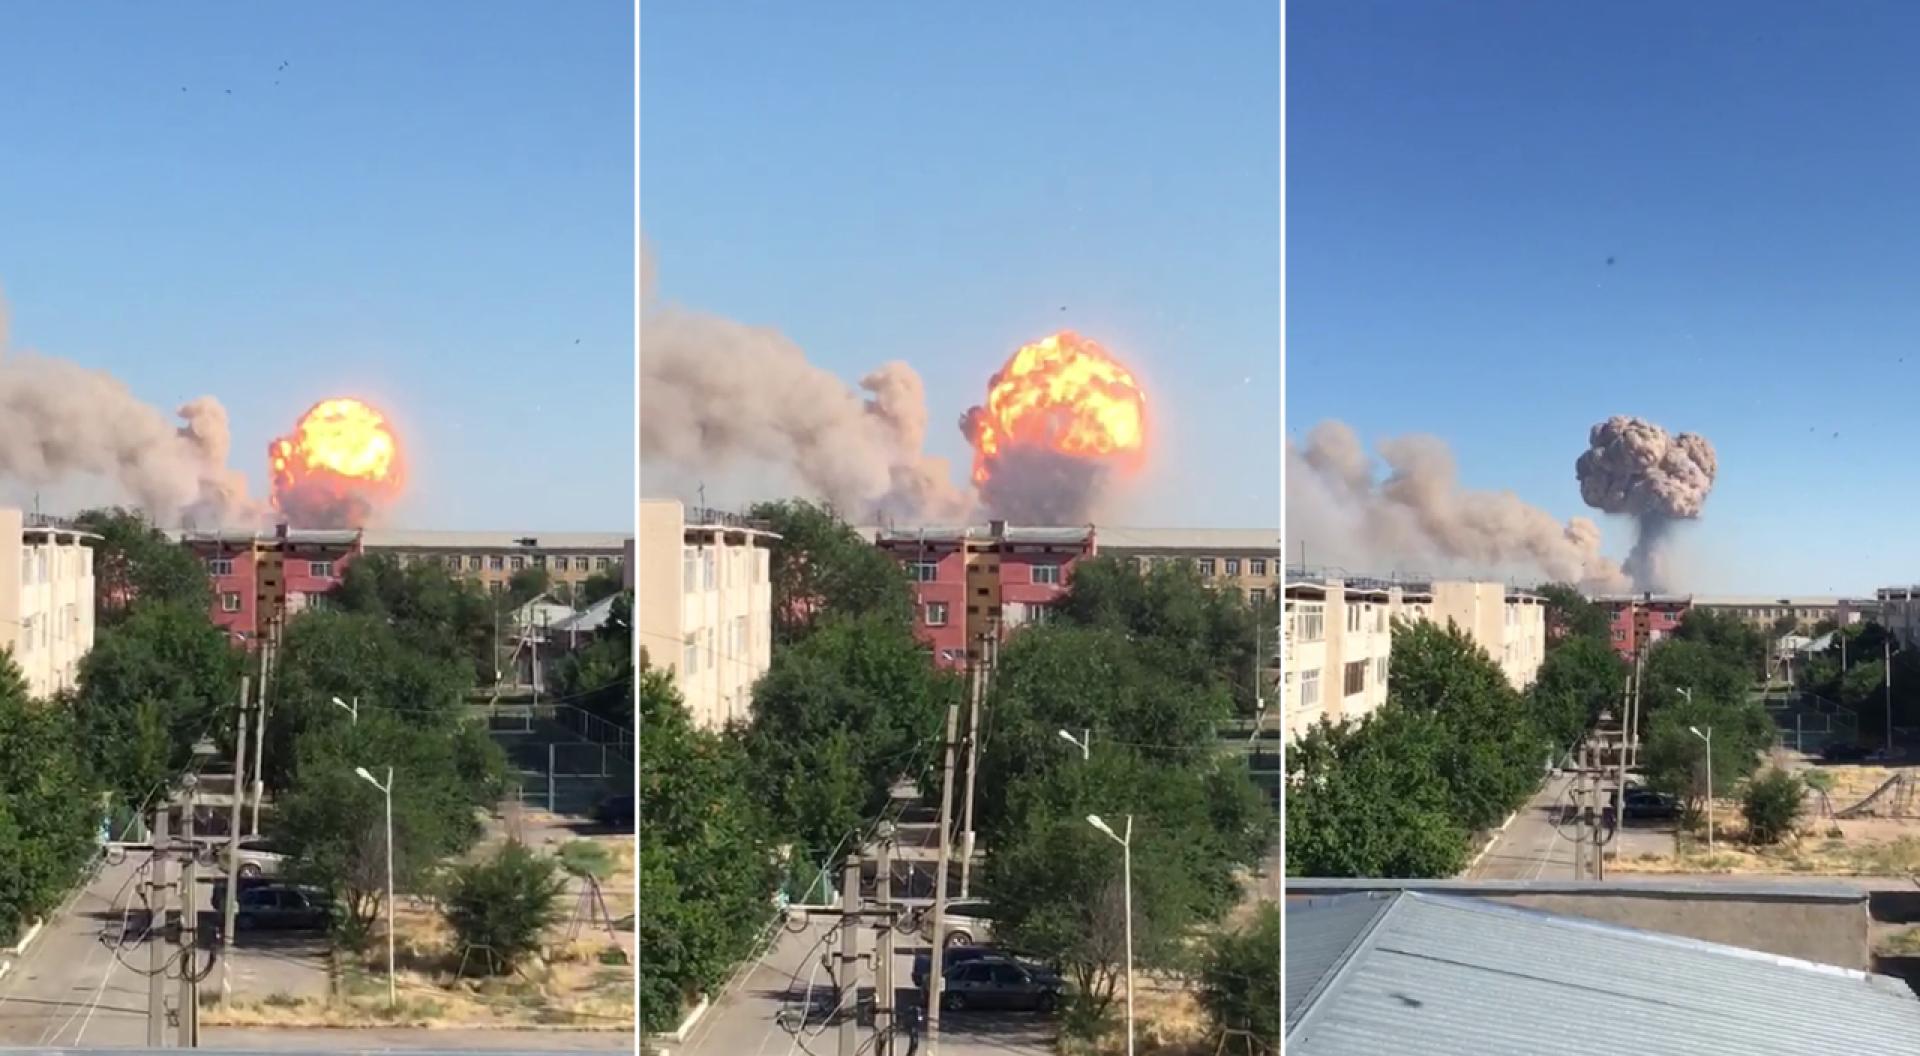 Из города начали эвакуацию населения после серии взрывов